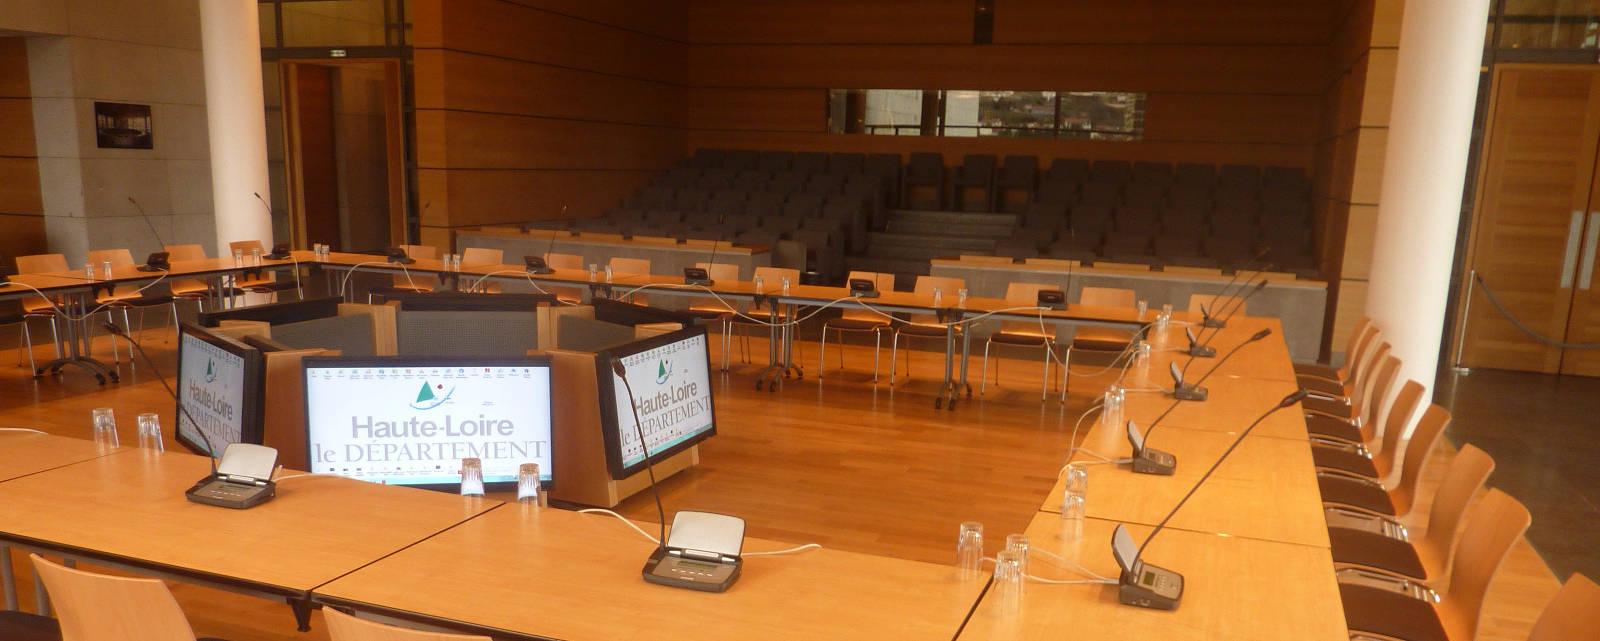 Espace Jacques Barrot - Salle modulable en carré